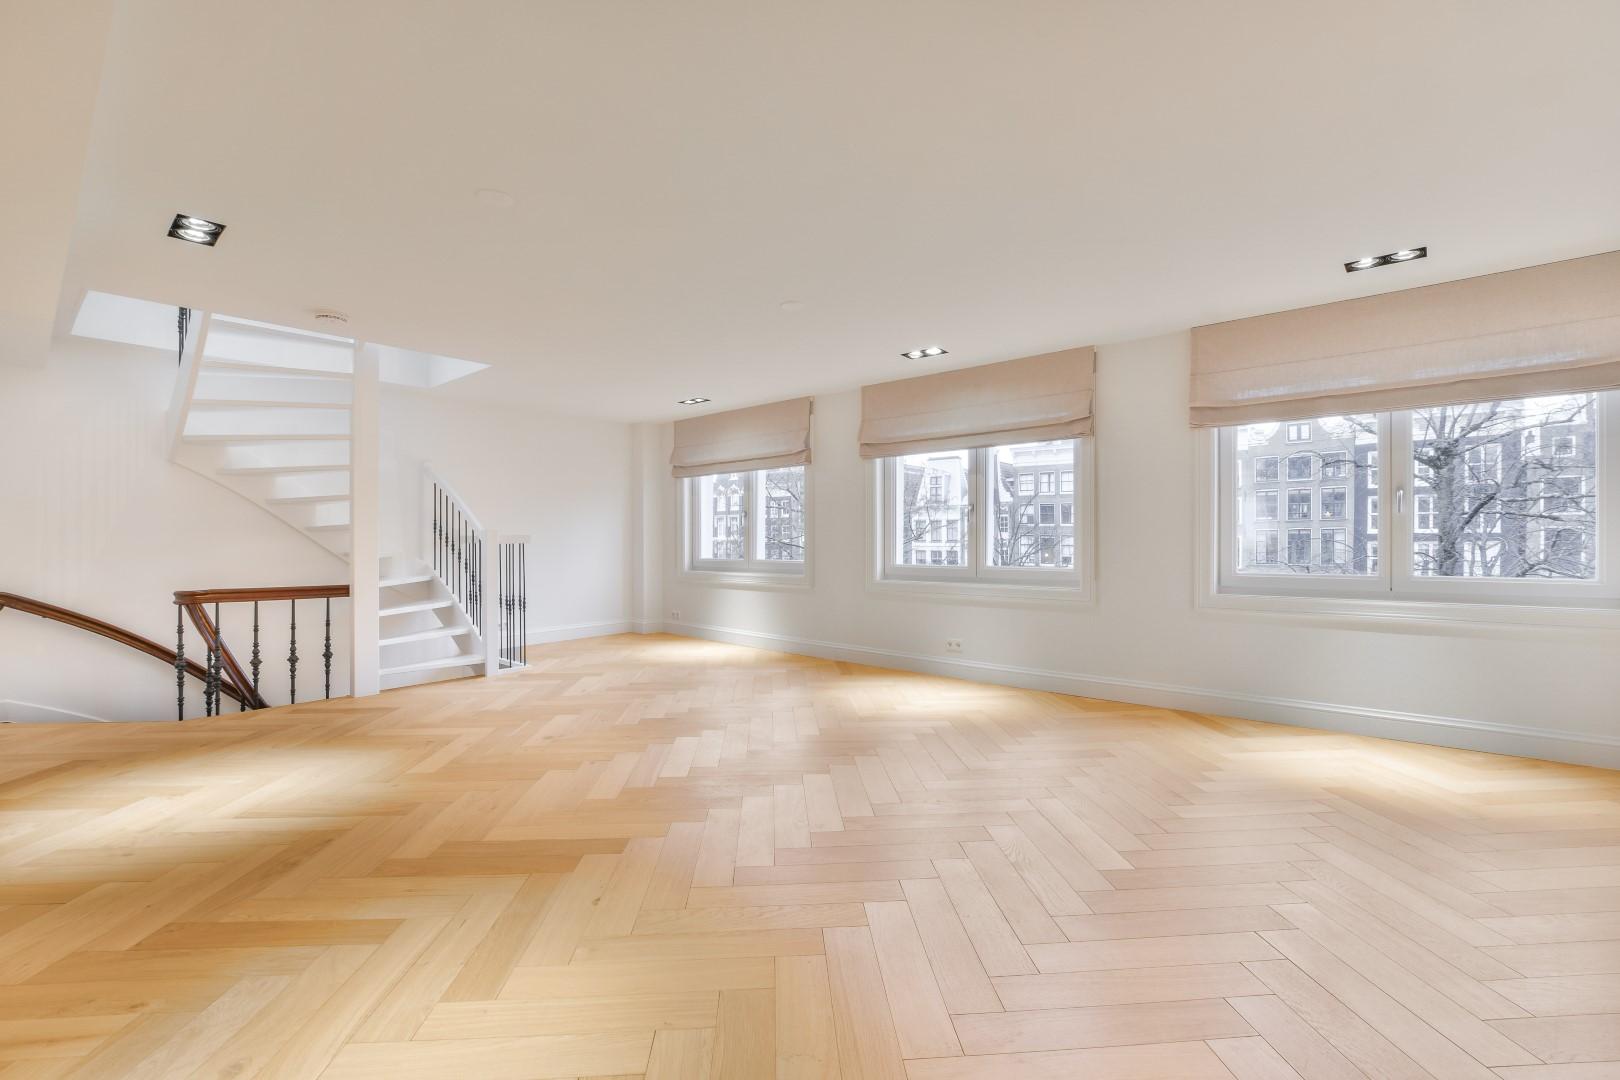 Keizersgracht 500 B, Amsterdam, Noord-Holland Nederland, 2 Bedrooms Bedrooms, ,1 BathroomBathrooms,Apartment,For Rent,Keizersgracht,2,1521